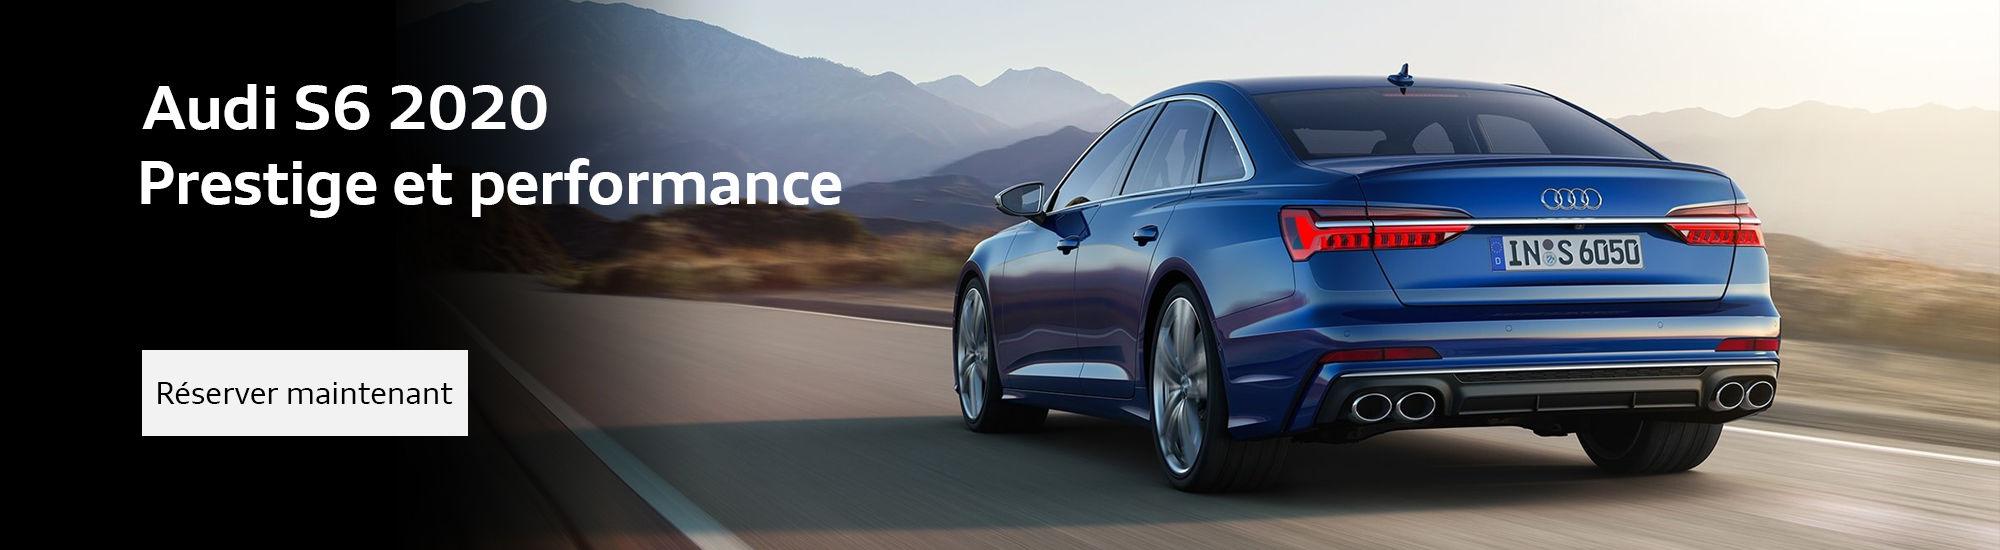 La toute nouvelle Audi S6 2020